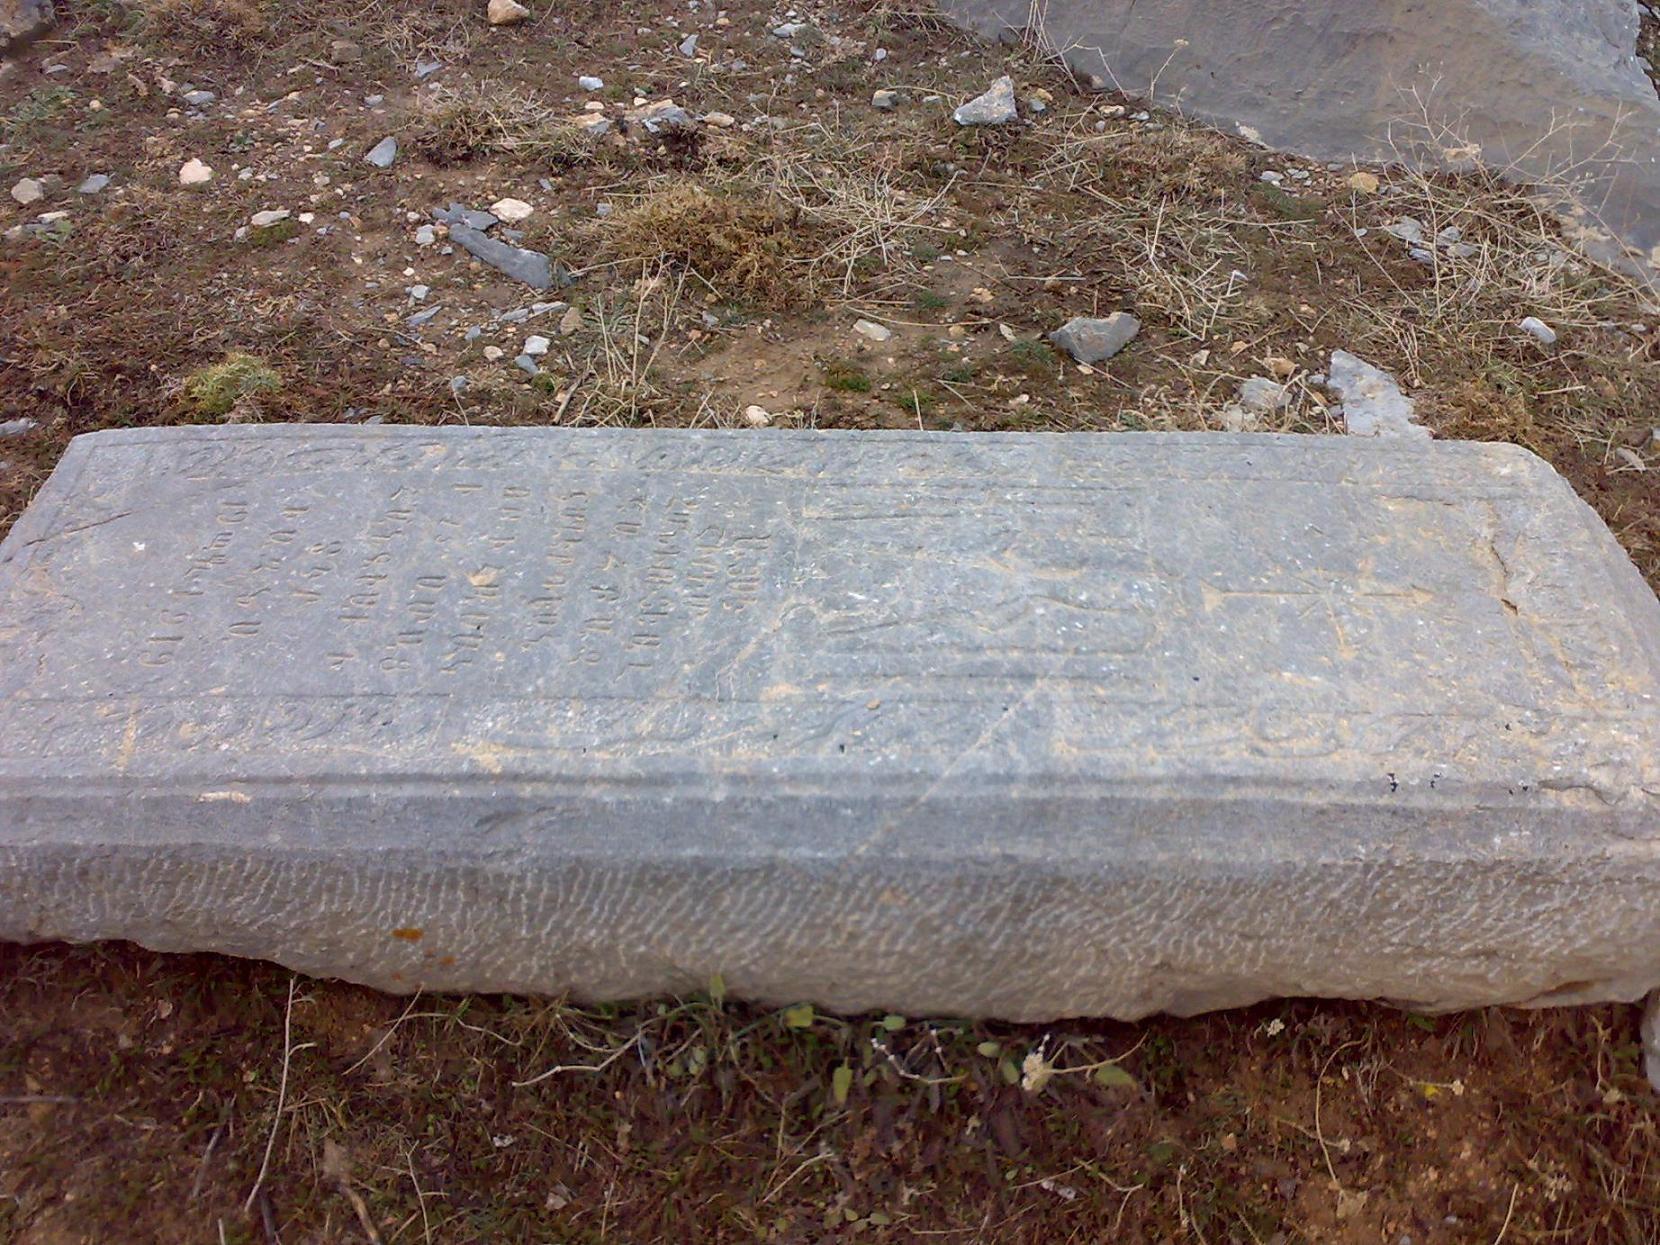 پا گذاشتن روی قبر چه حکمی دارد؟